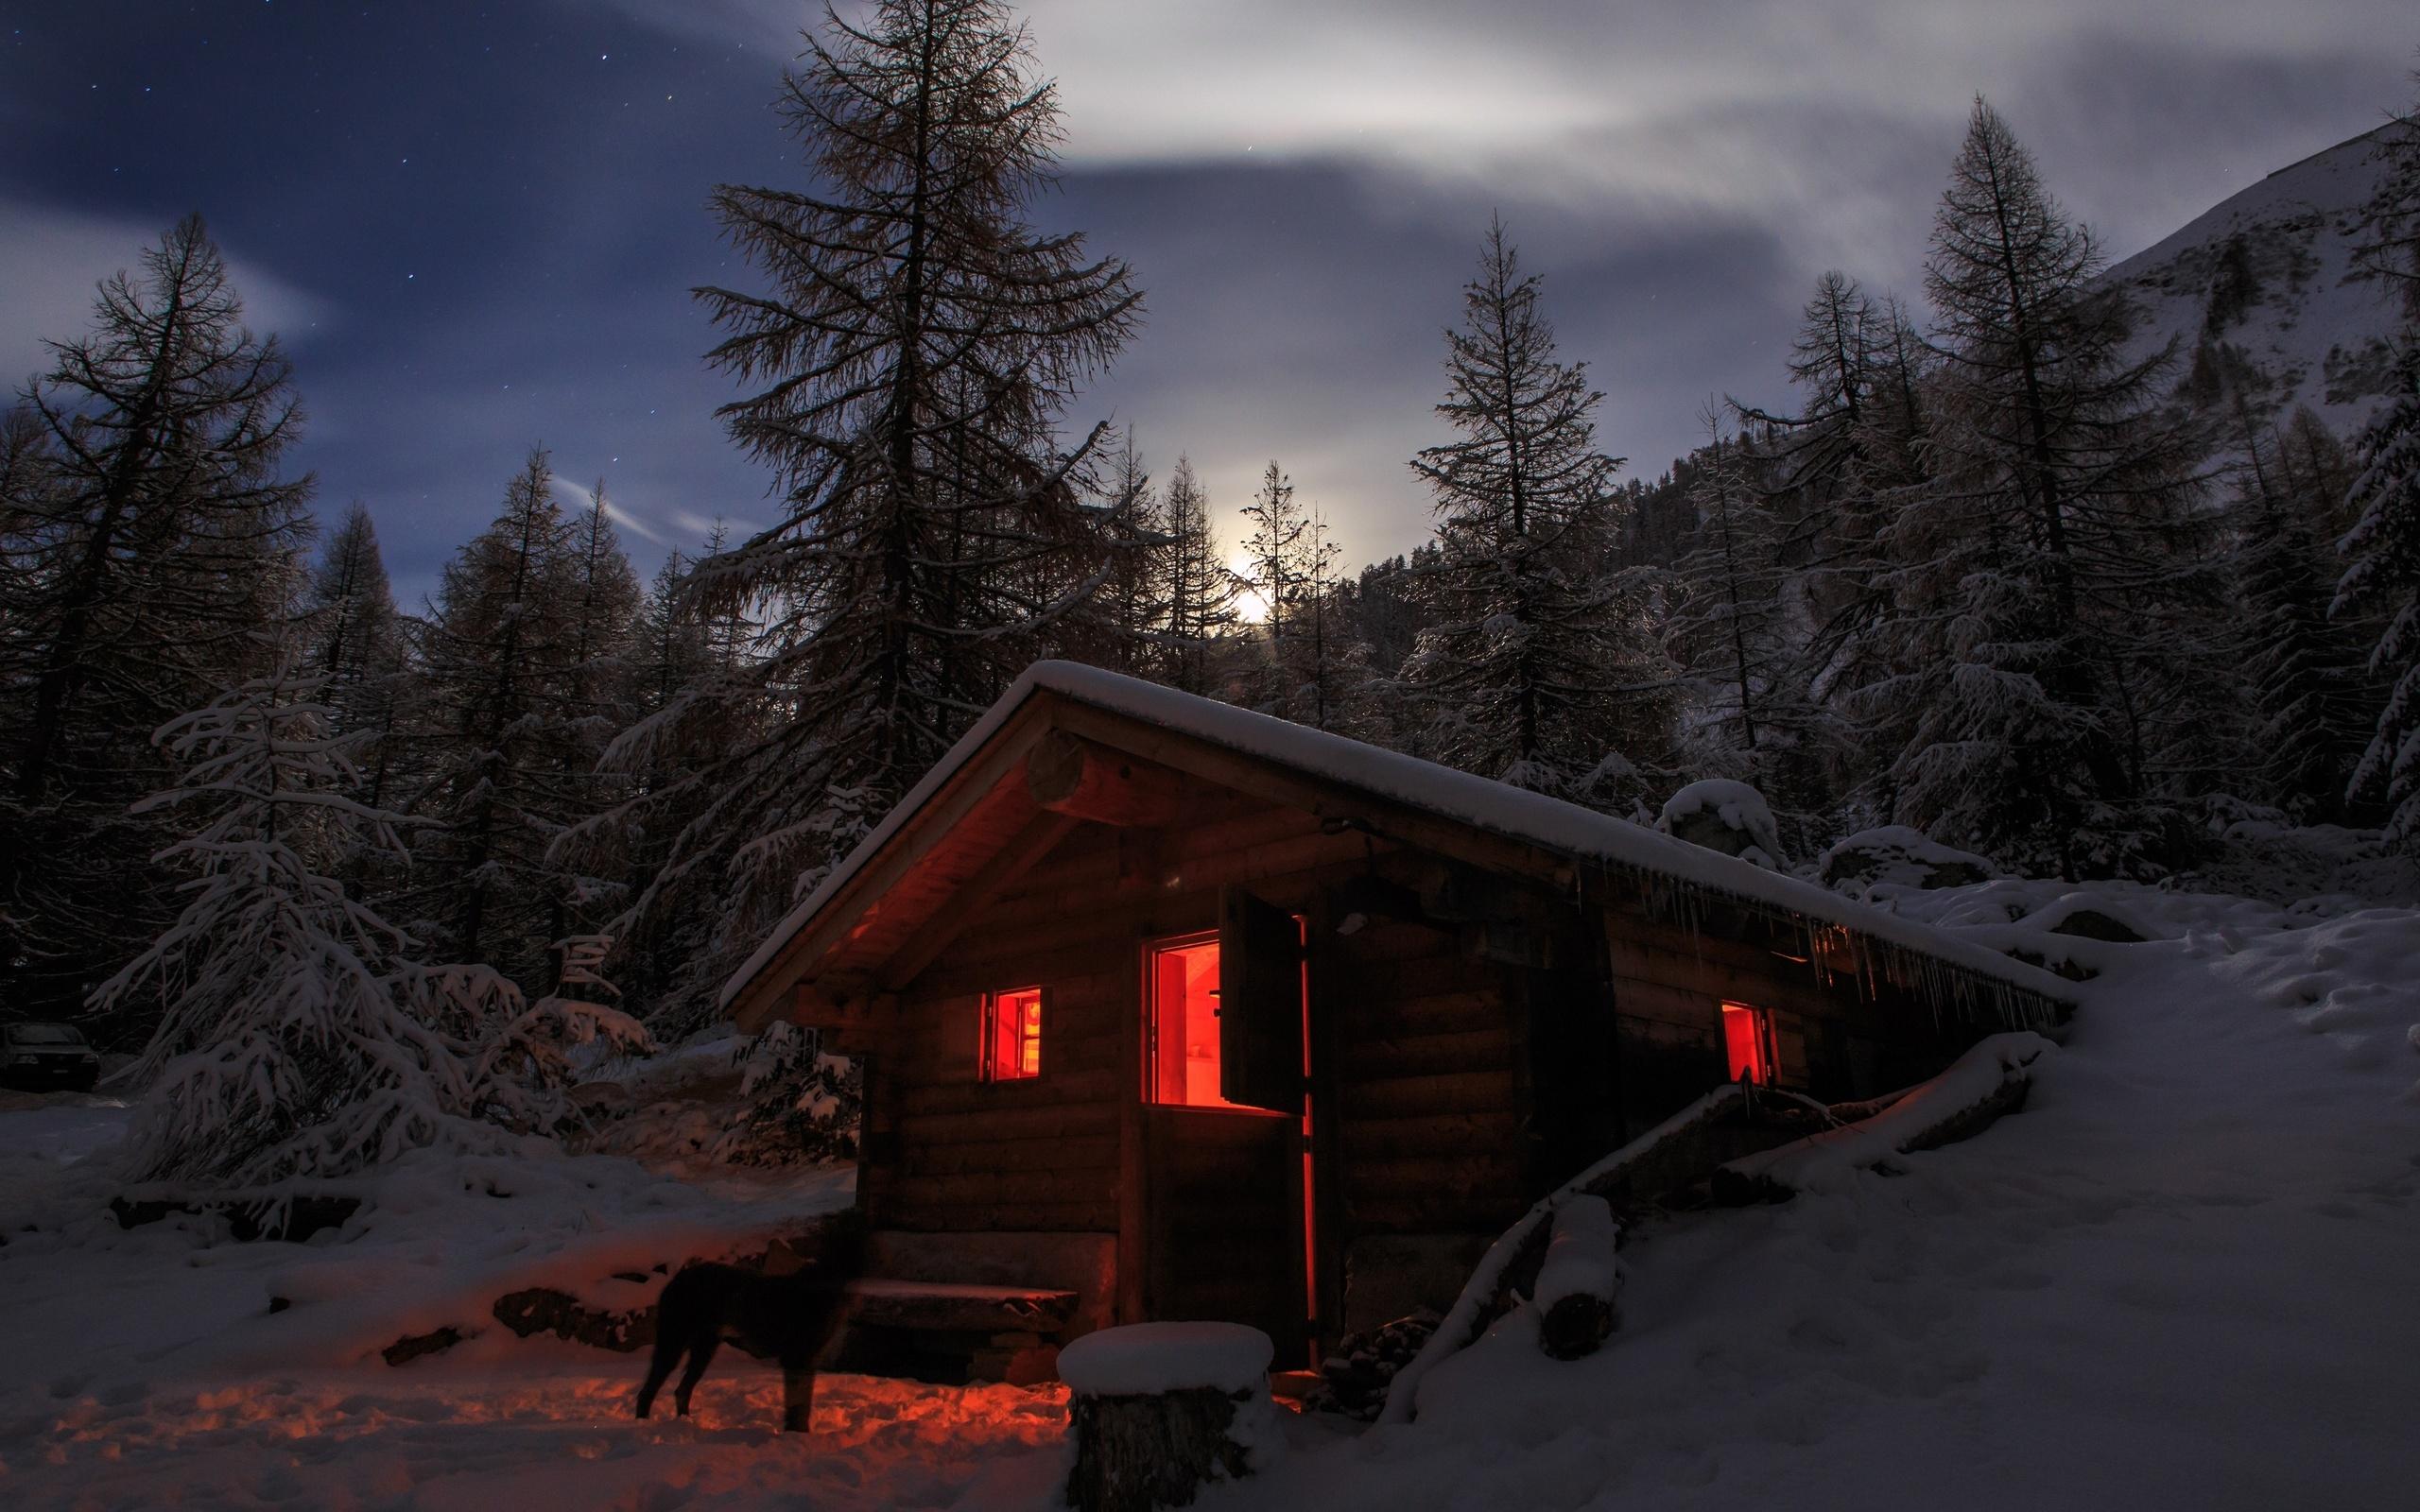 Новый год в лесной хижине картинки